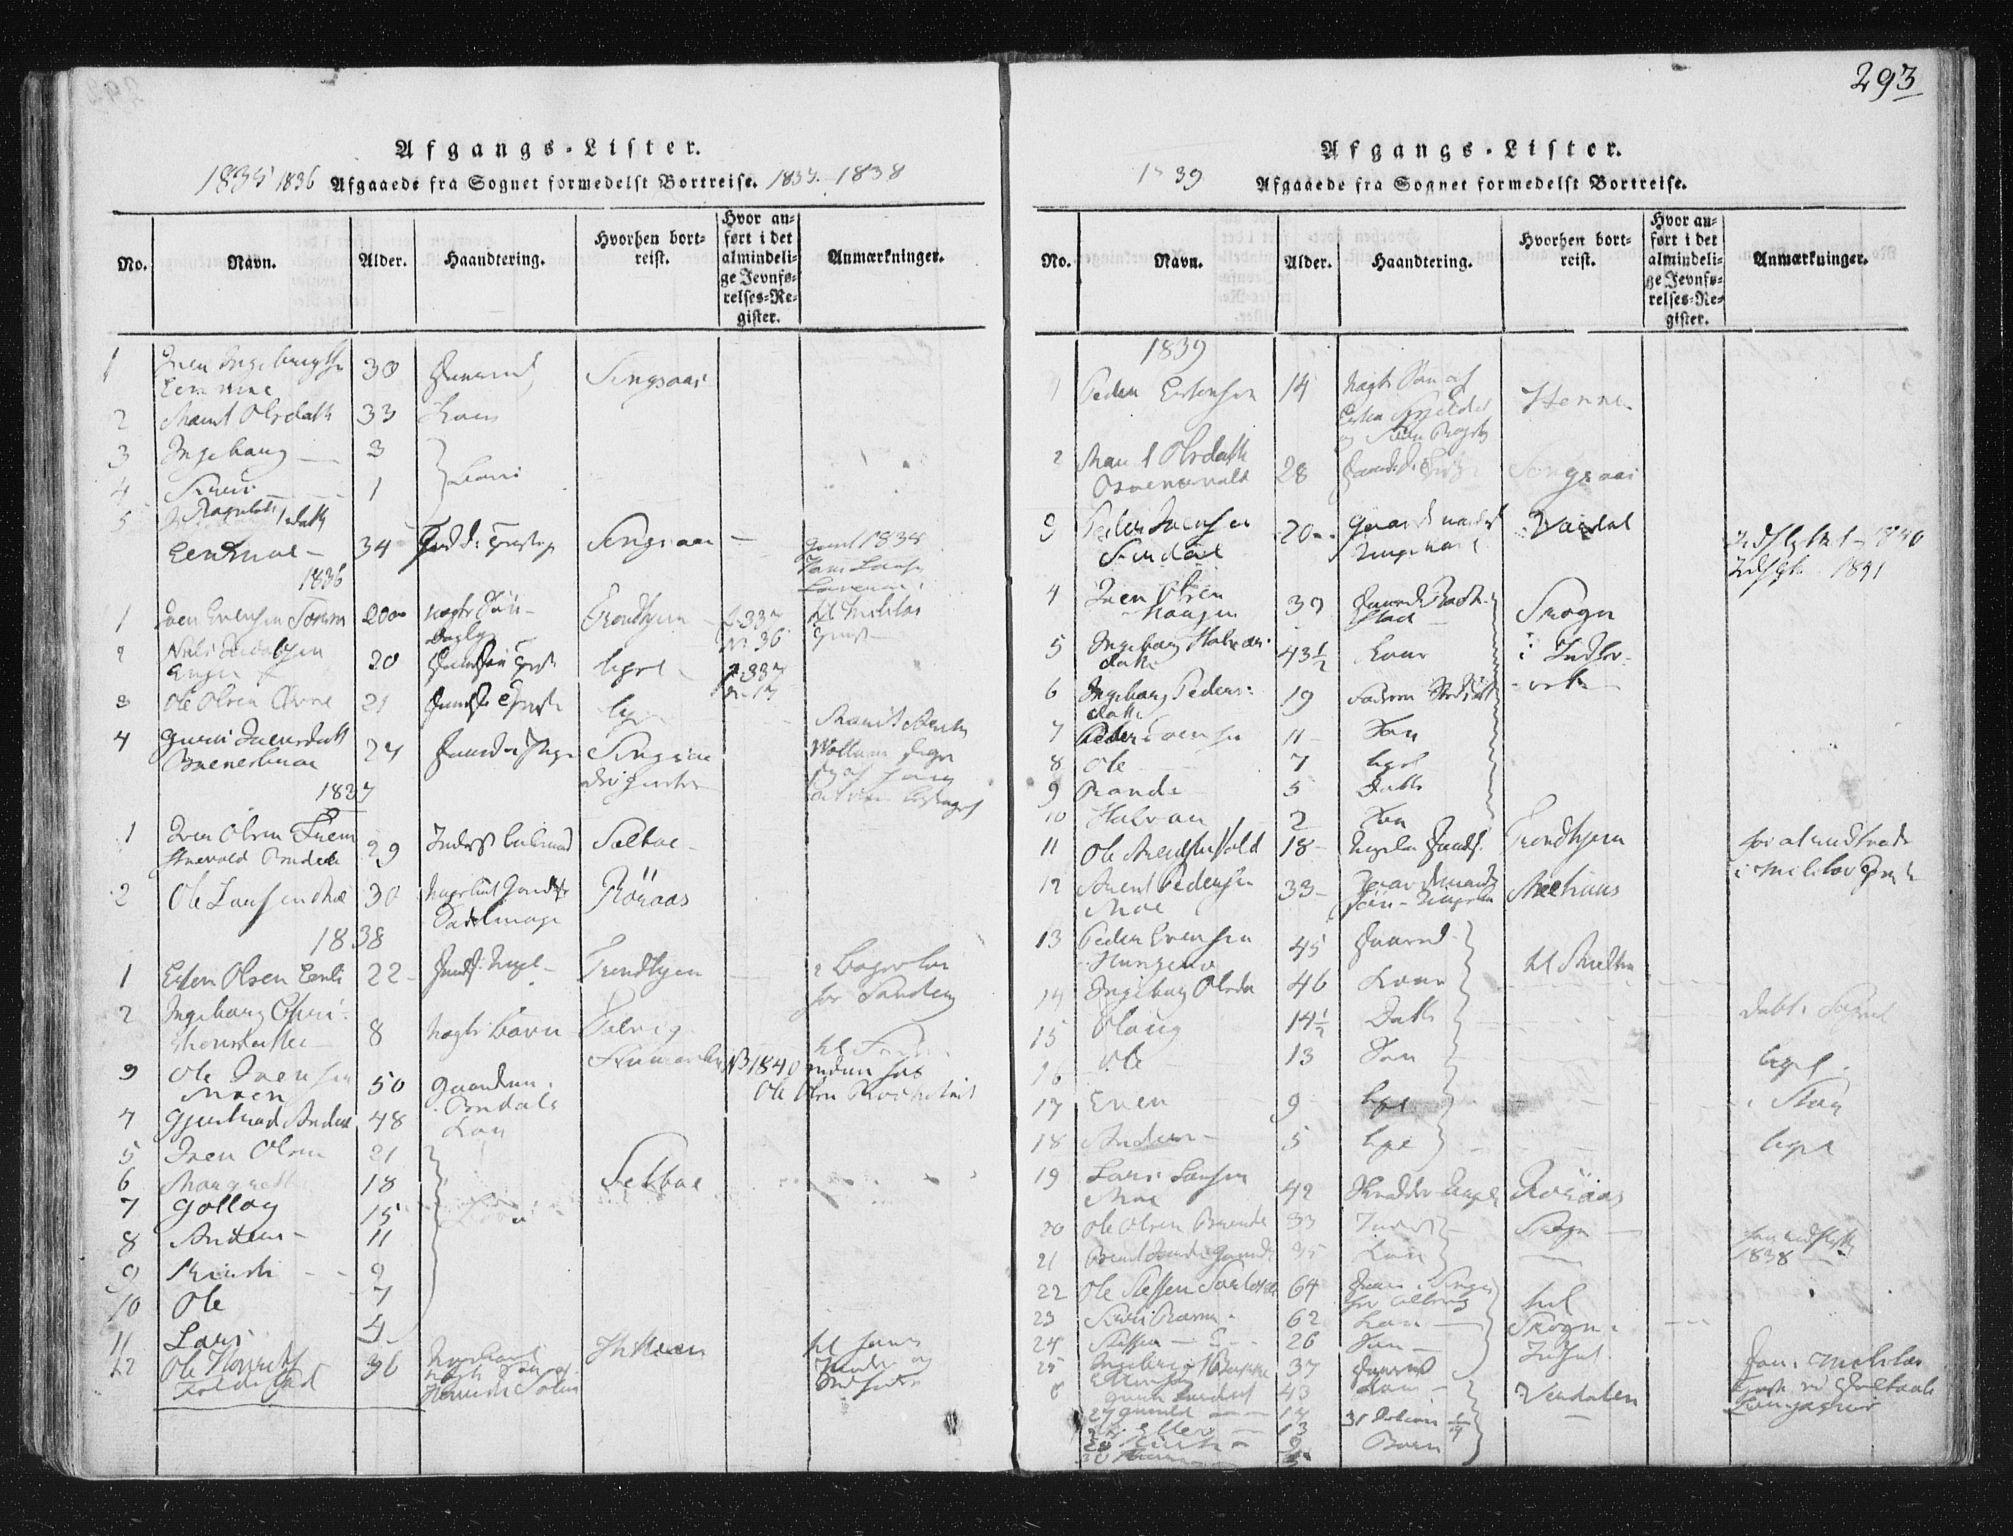 SAT, Ministerialprotokoller, klokkerbøker og fødselsregistre - Sør-Trøndelag, 687/L0996: Ministerialbok nr. 687A04, 1816-1842, s. 293